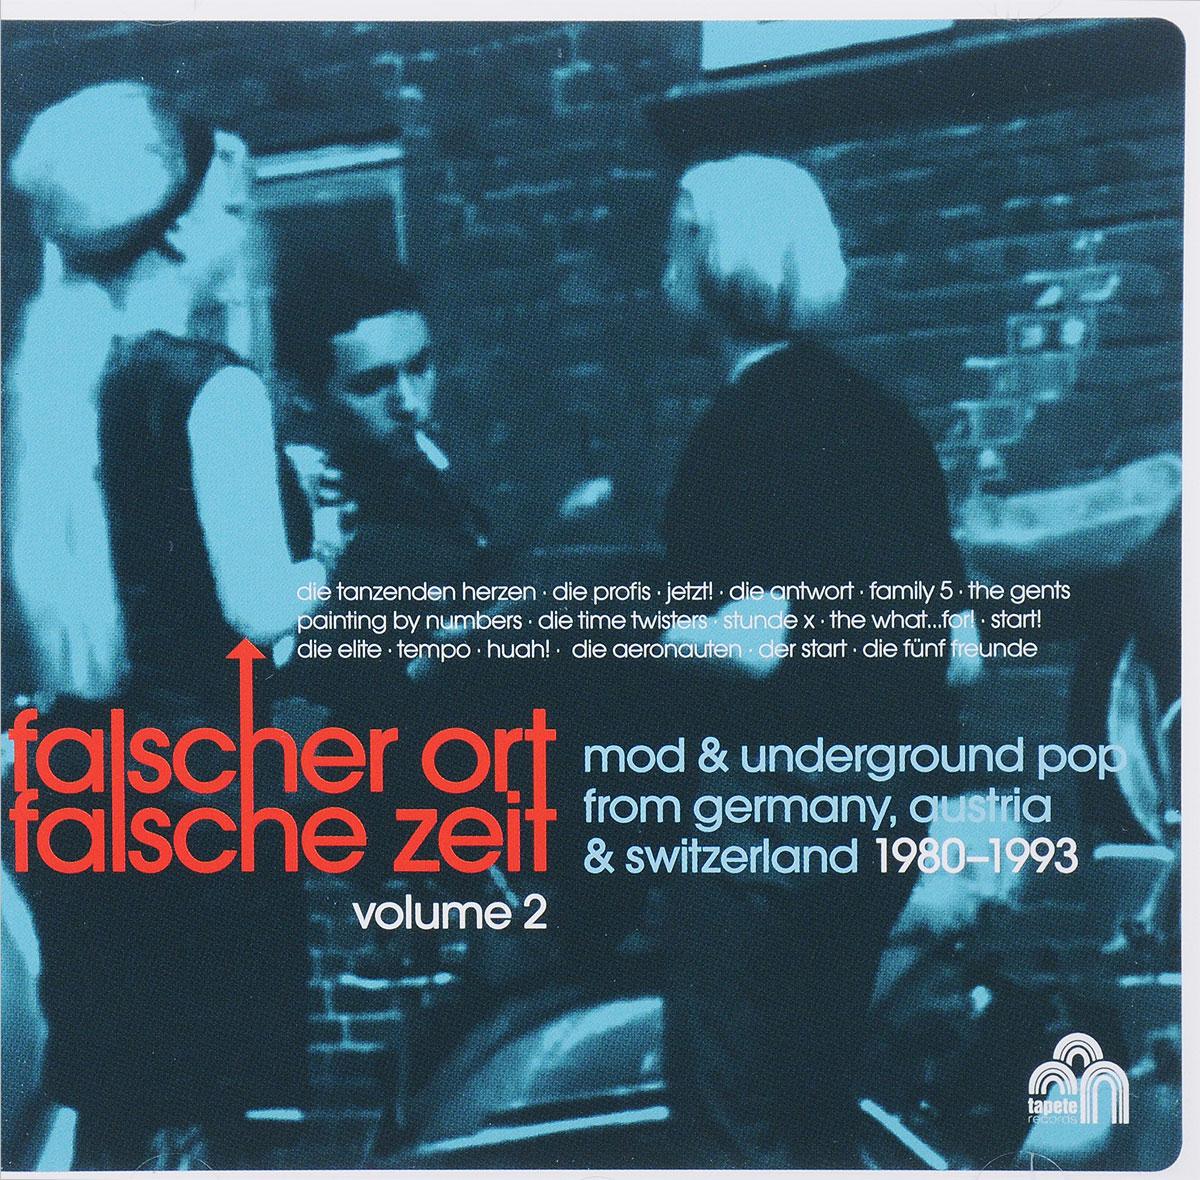 Falscher Ort Falsche Zeit. Volume 2. Mod & Underground Pop From Germany, Austia & Switzerland 1980-1993